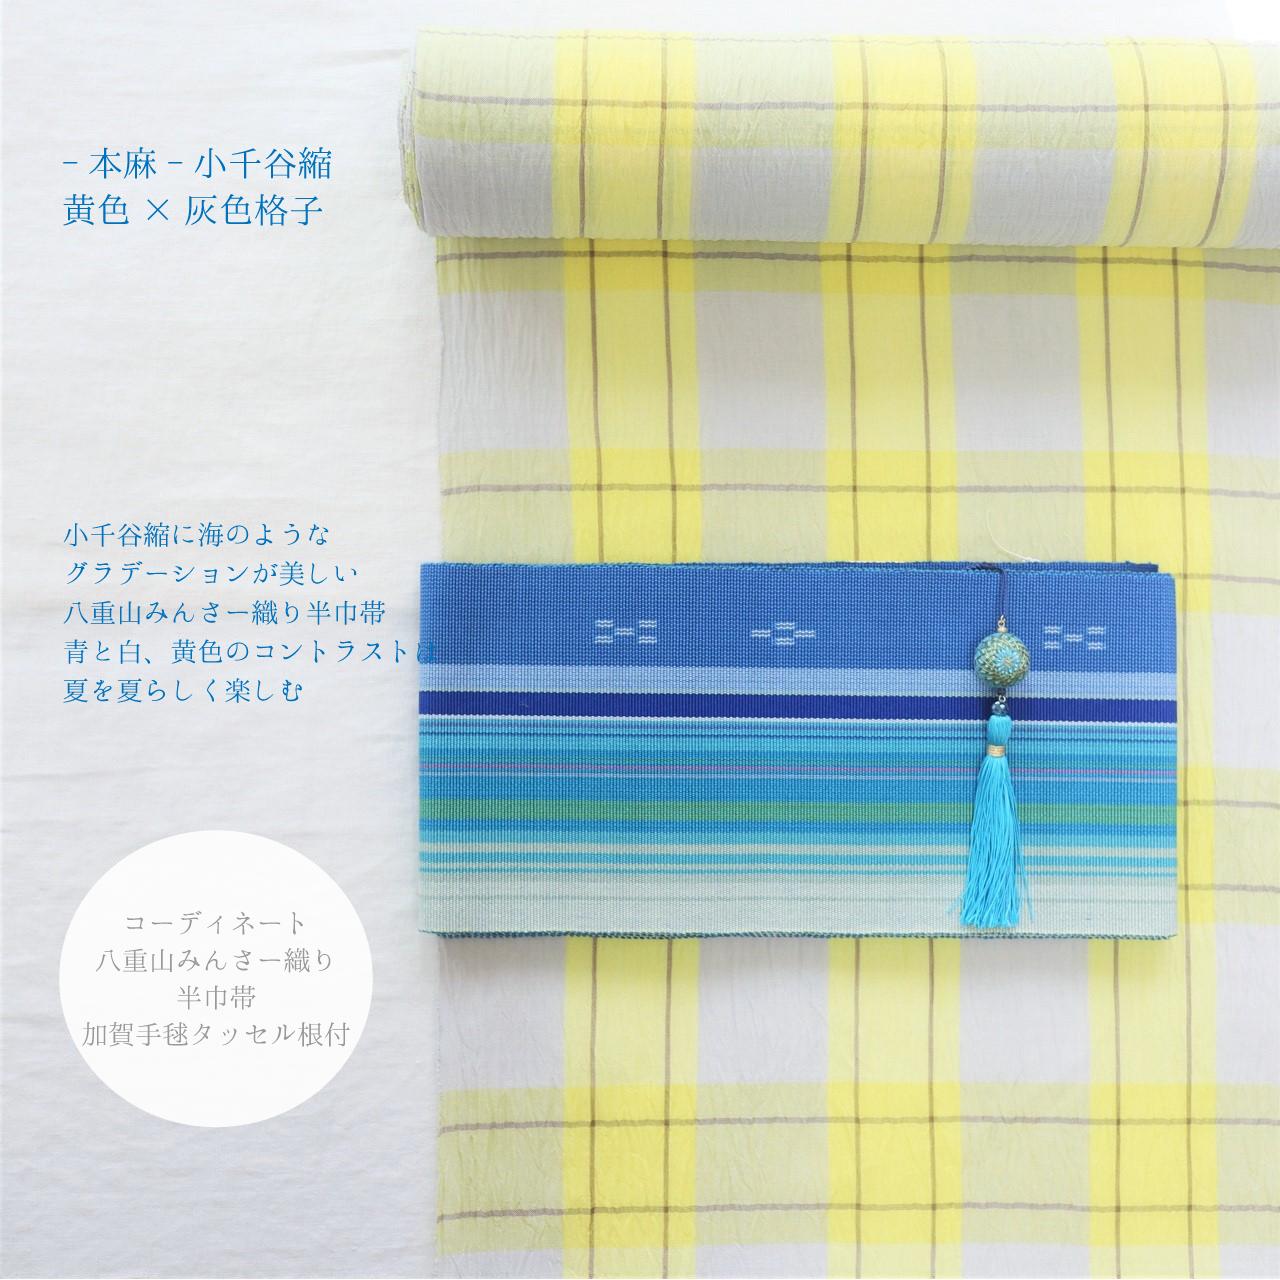 【本場小千谷縮 / 本麻】【夏着物】杉山織物謹製 黄色×灰色 格子